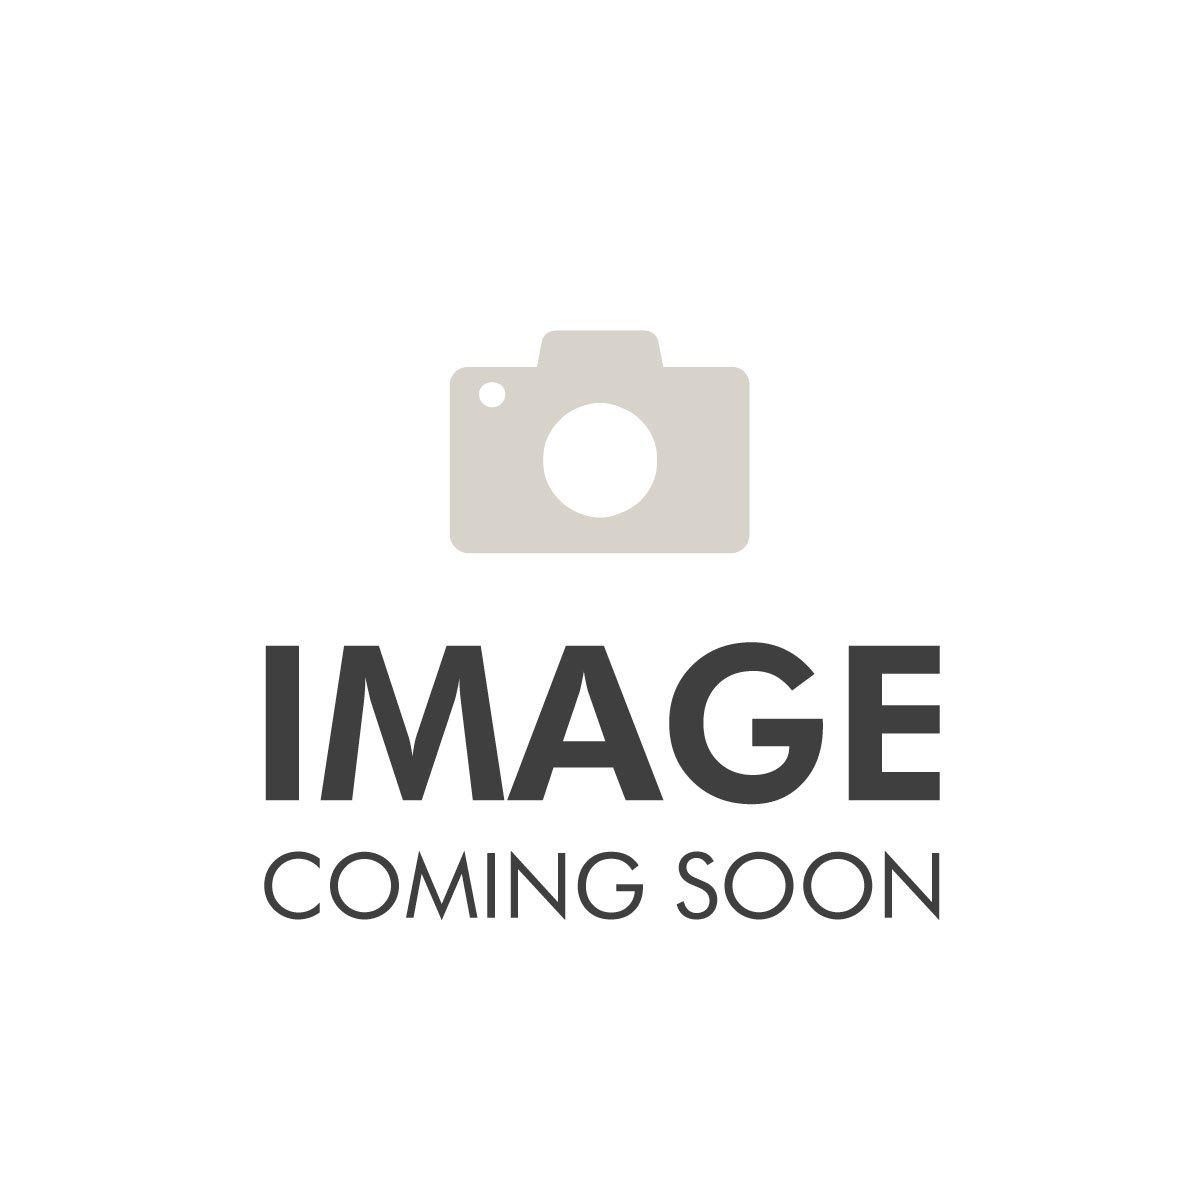 Giorgio Armani Acqua Di Gio Pour Homme After Shave Lotion 100ml